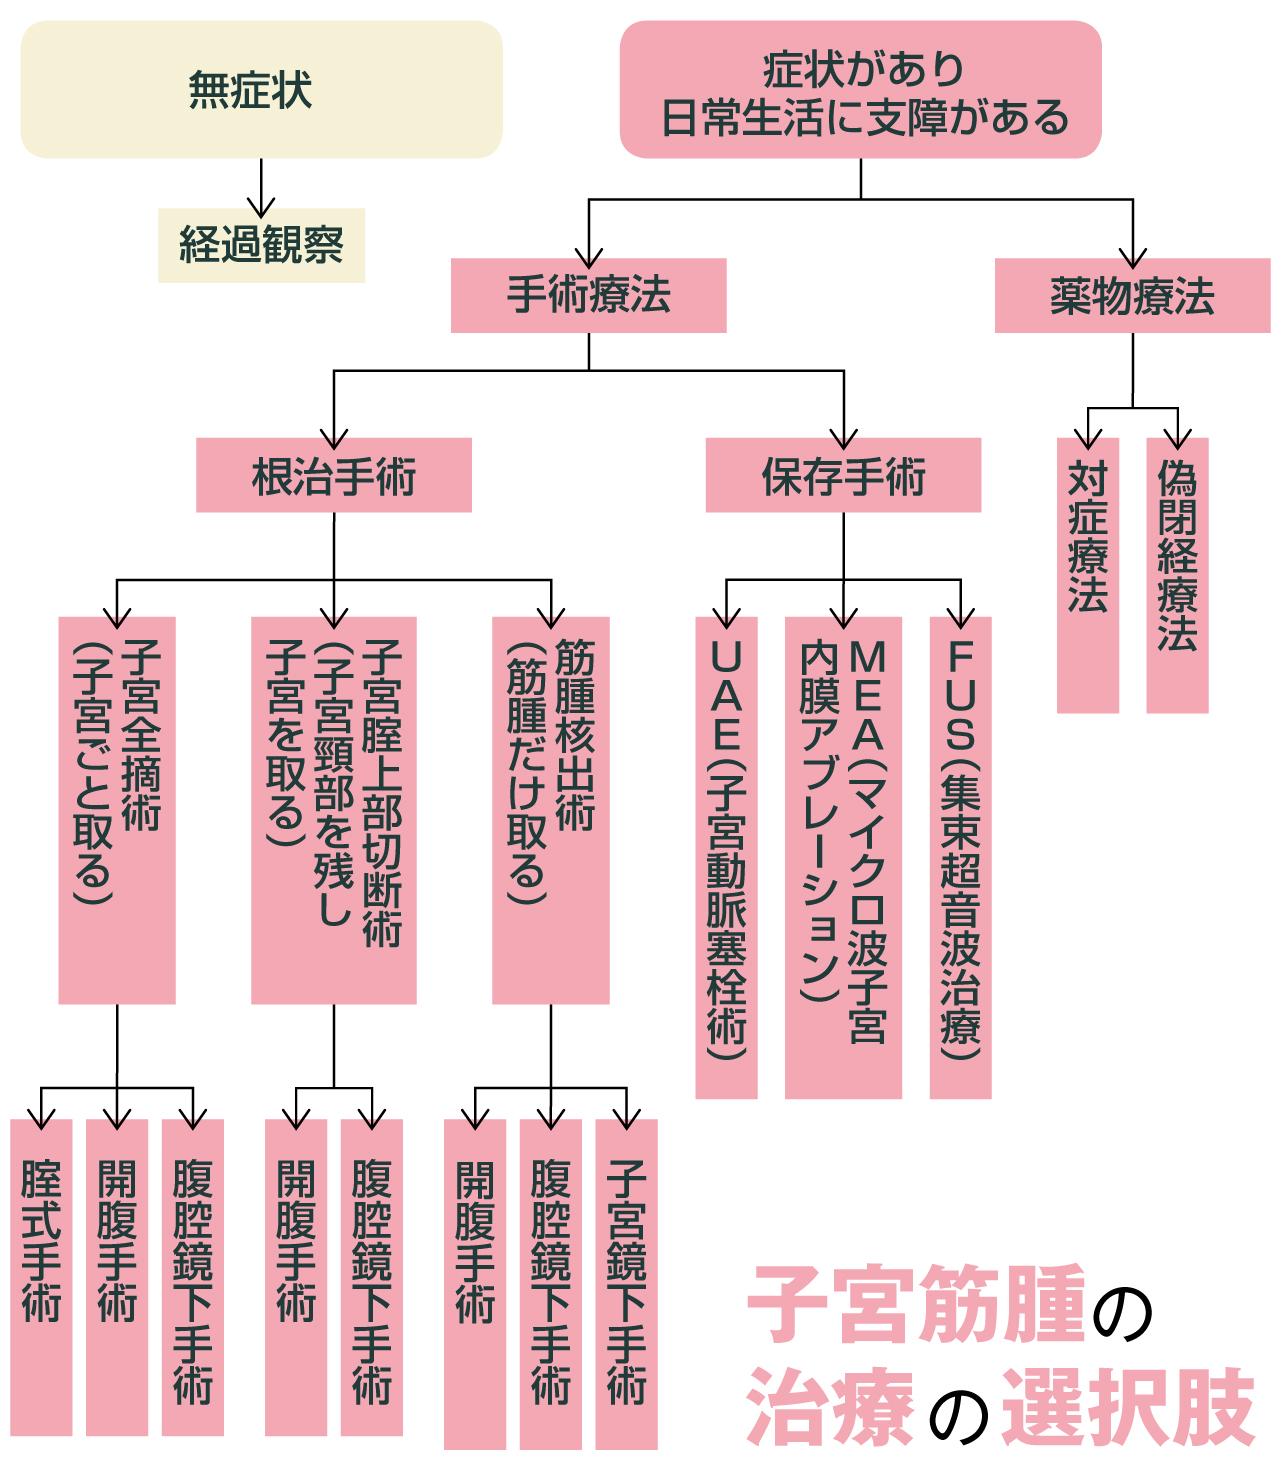 子宮筋腫の治療と選択肢の枝分かれ図